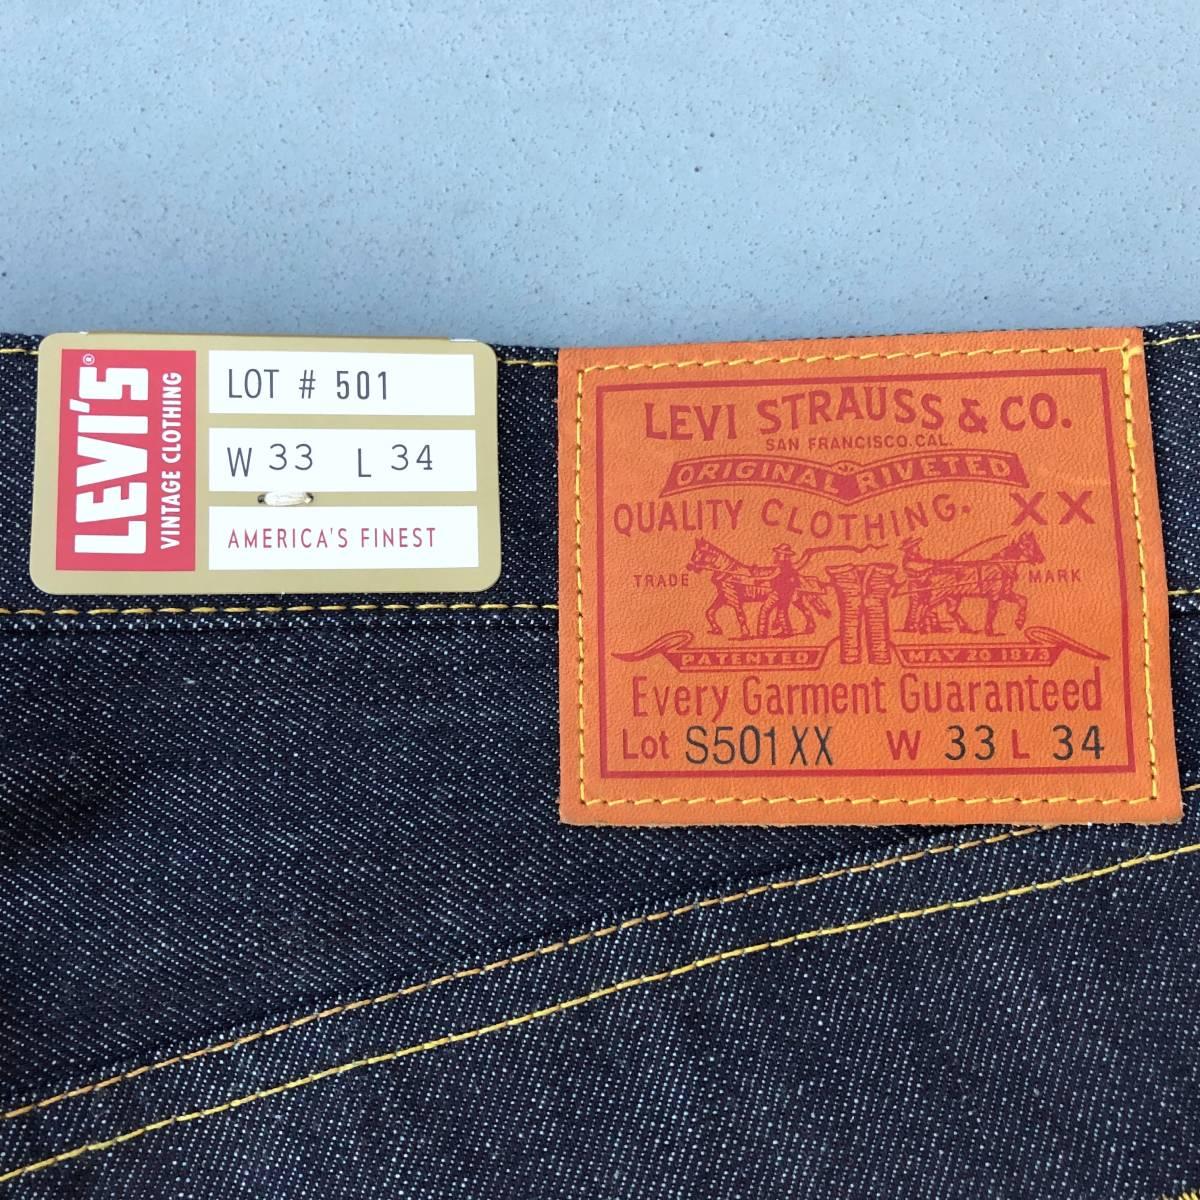 米国製1944年モデル 大戦 LEVI'S VINTAGE CLOTHING S501XX 44501-0068 W33 L34 リジッド 新品 アメリカUSA製 LVC 40s コーンミルズ デニム_画像2